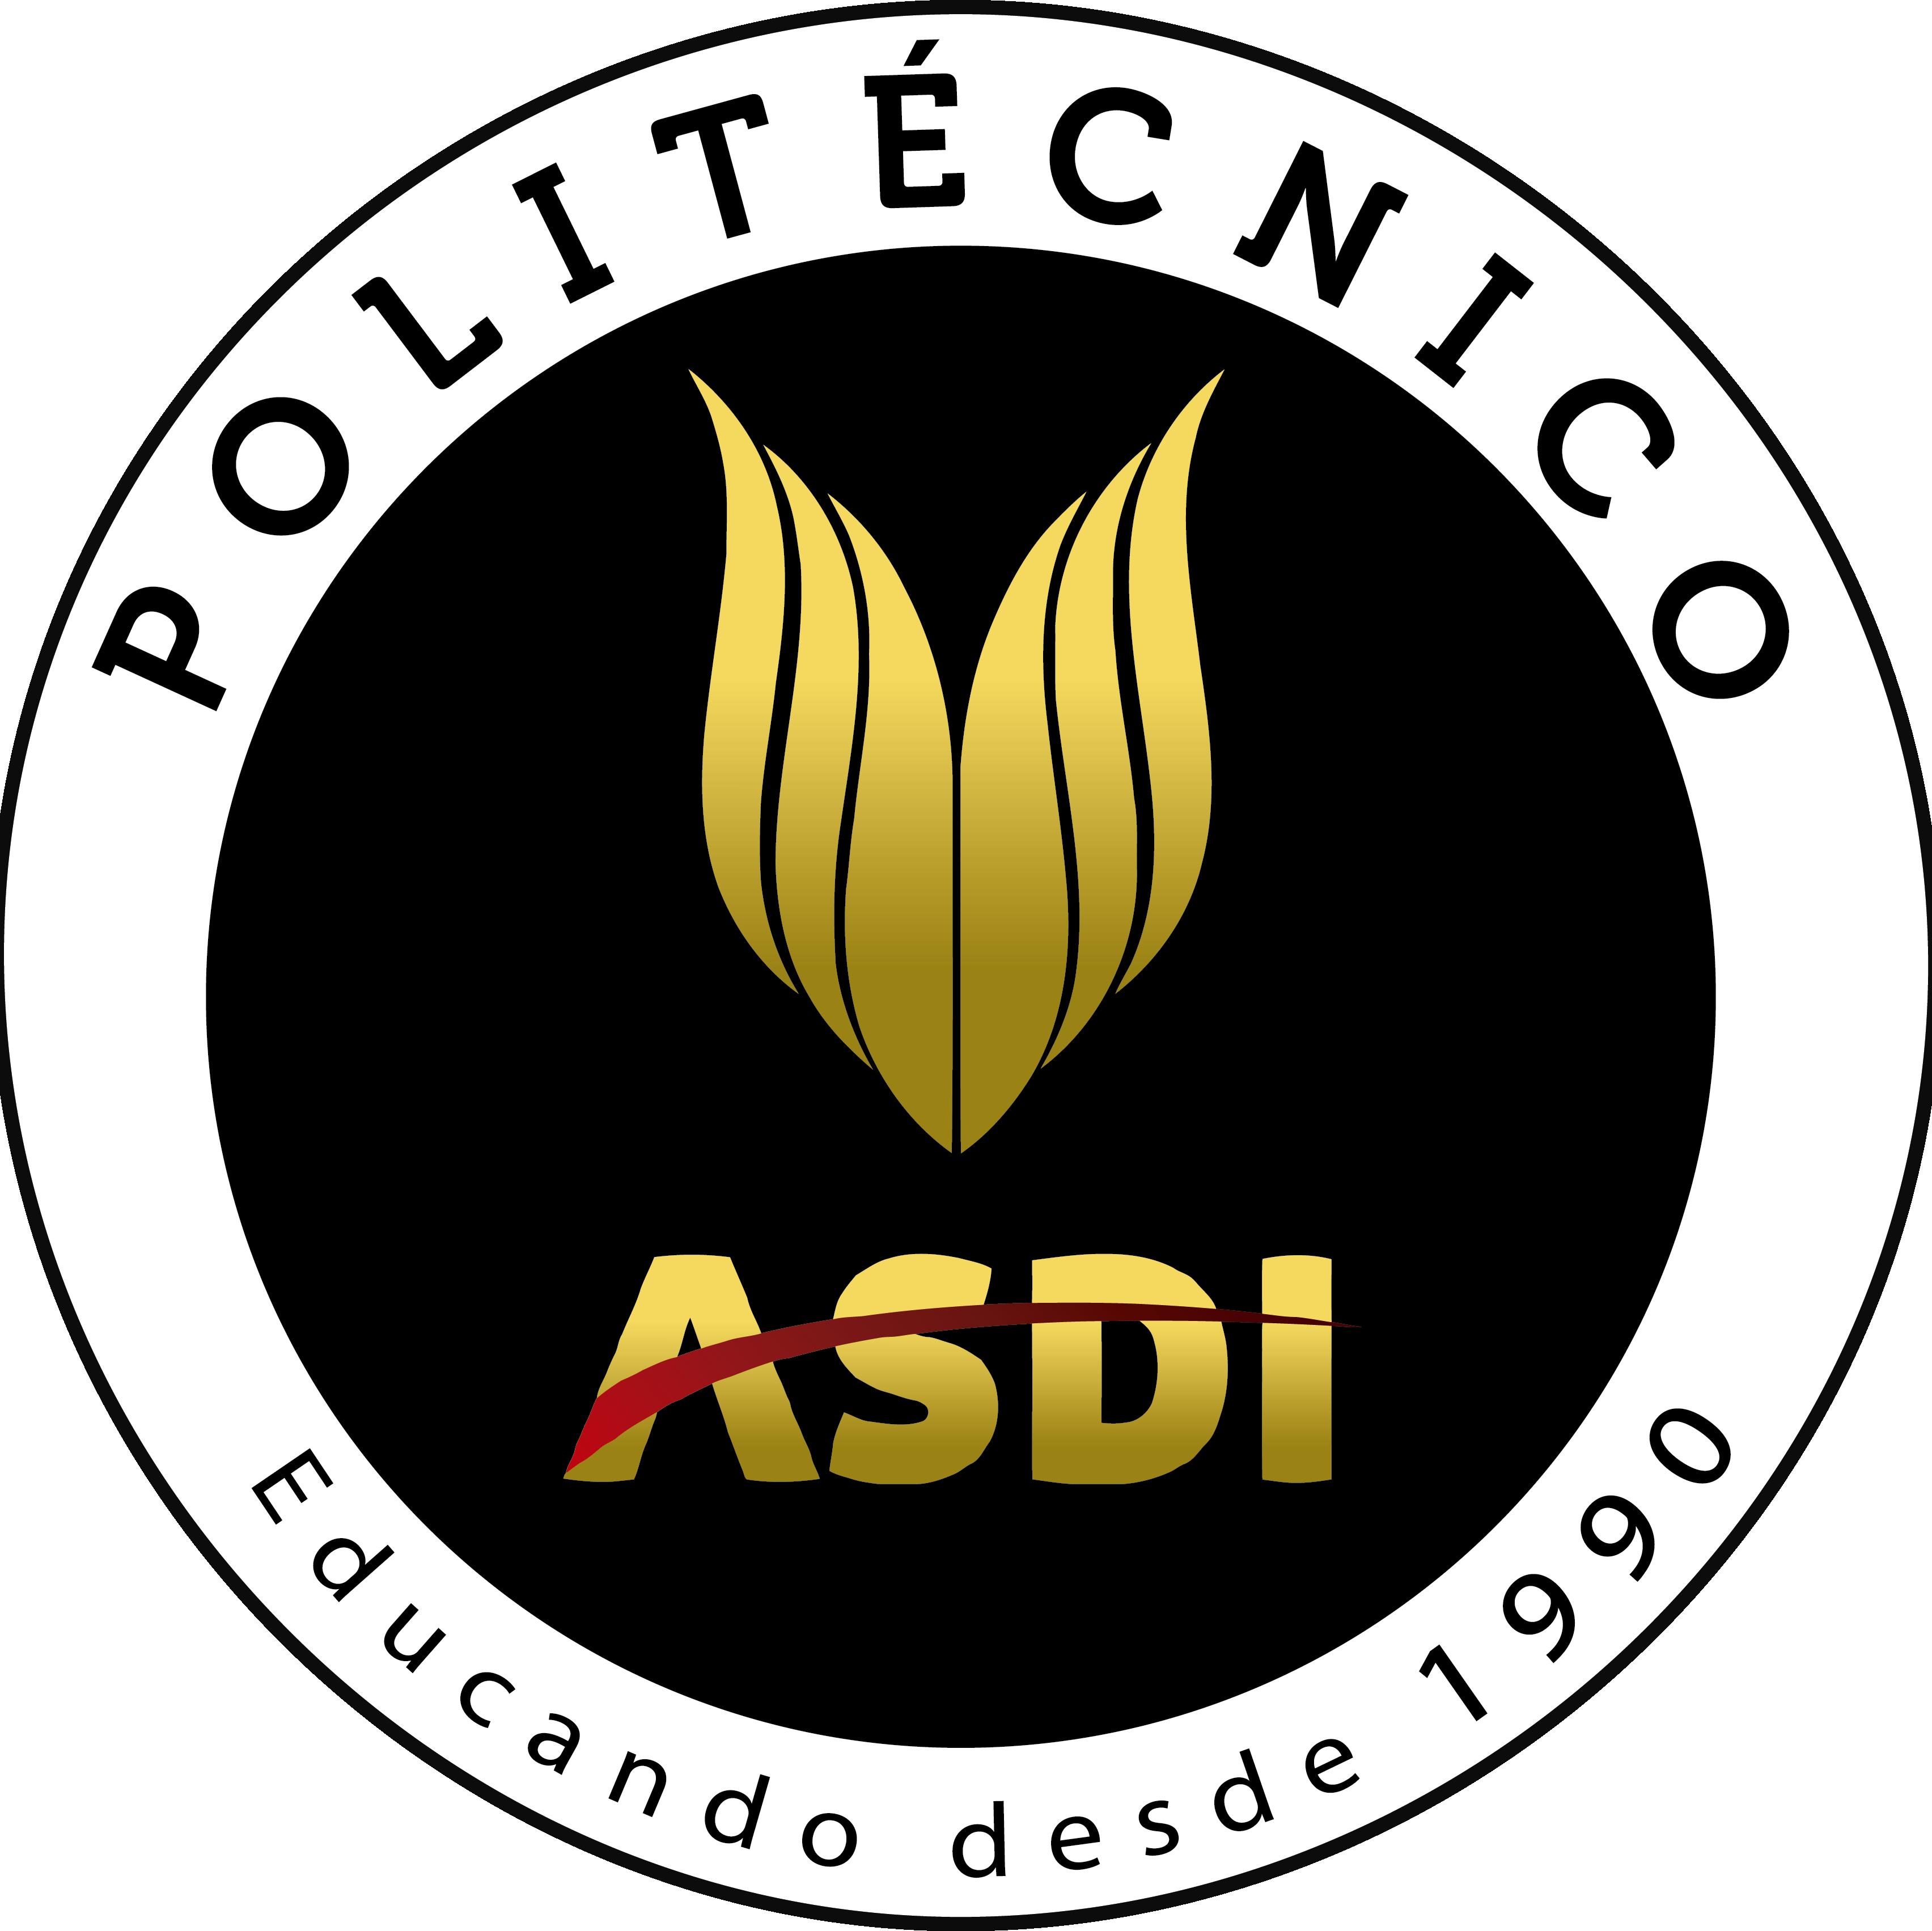 Politécnico ASDI